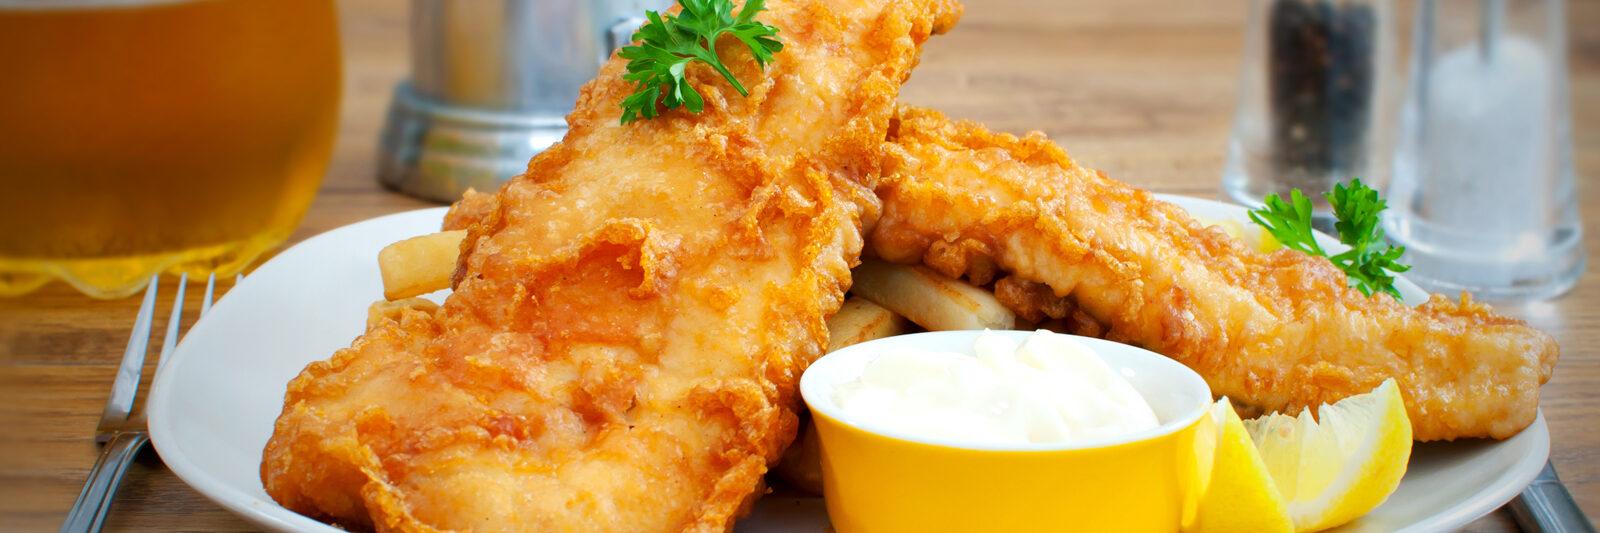 BrasstownValleyResort Header Fish and Chips